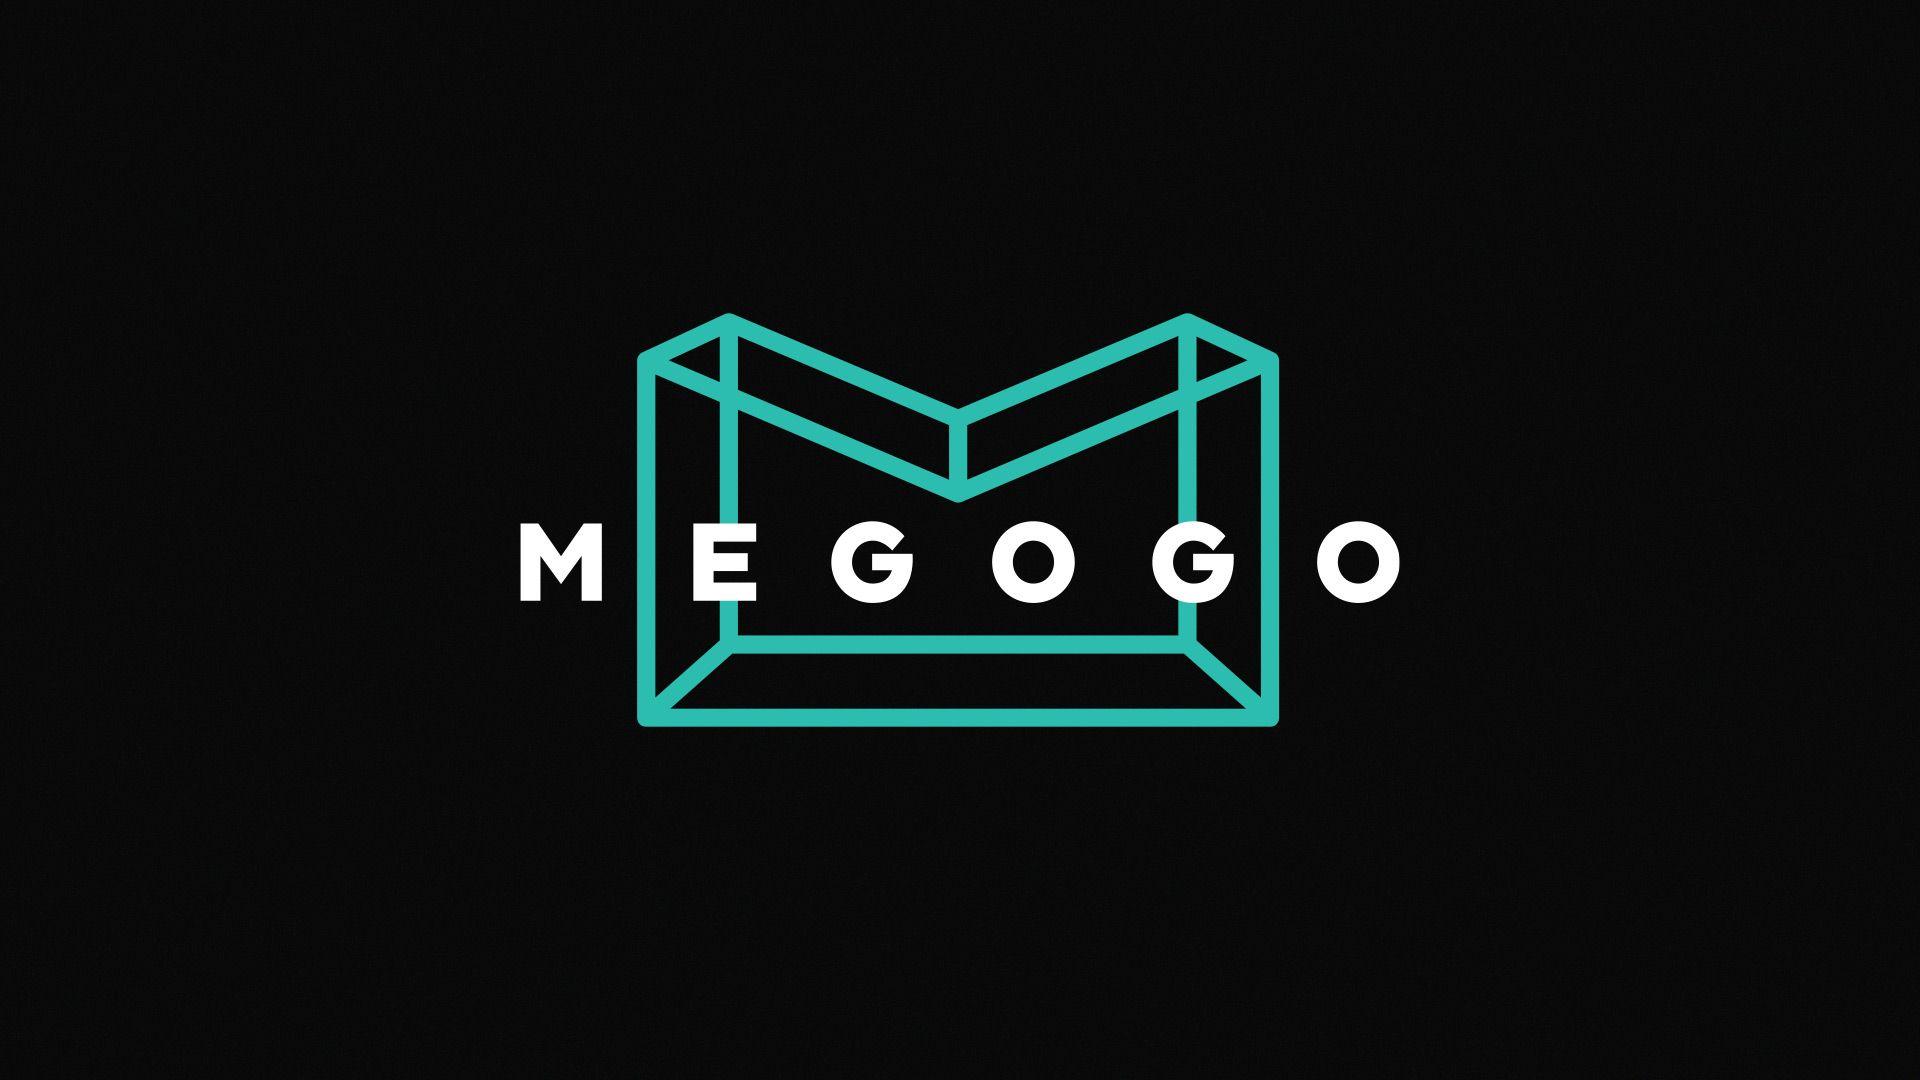 Megogo повідомив, що має понад 20 тисяч фільмів, серіалів, подкастів та шоу українською мовою